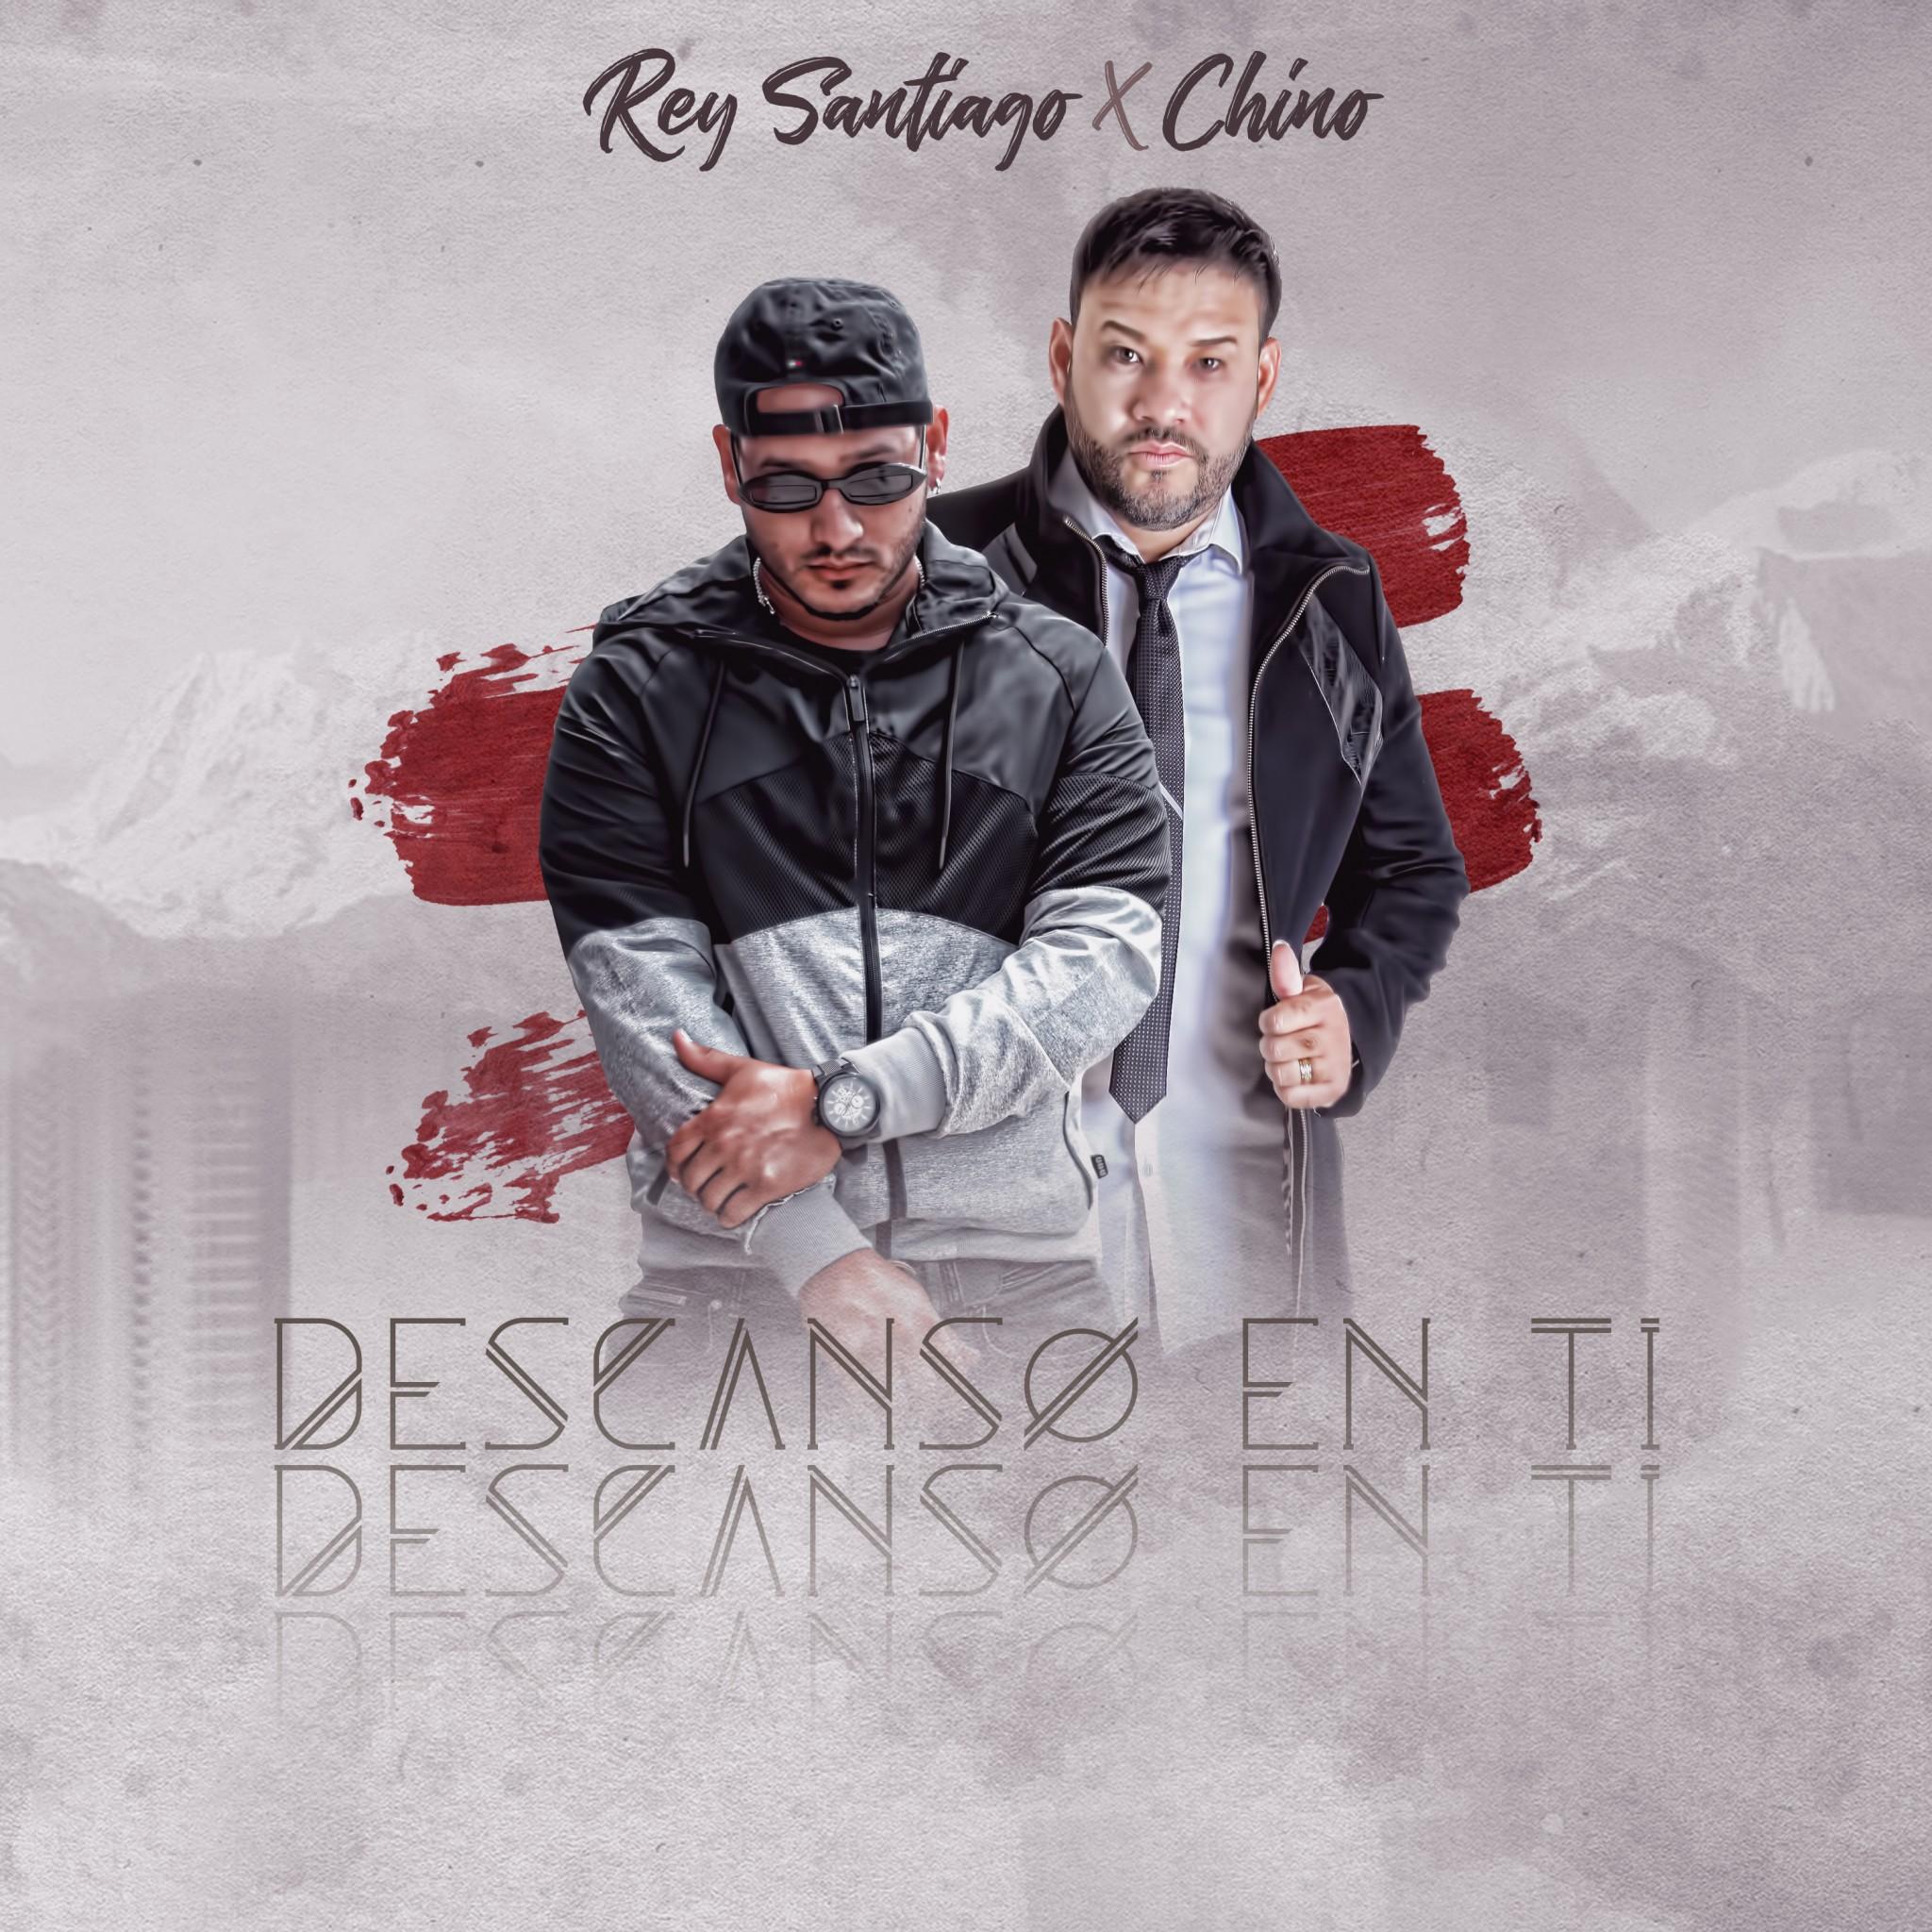 """Rey Santiago presenta su nuevo sencillo """"Descanso en ti"""" en  ritmos de bachata urbana"""